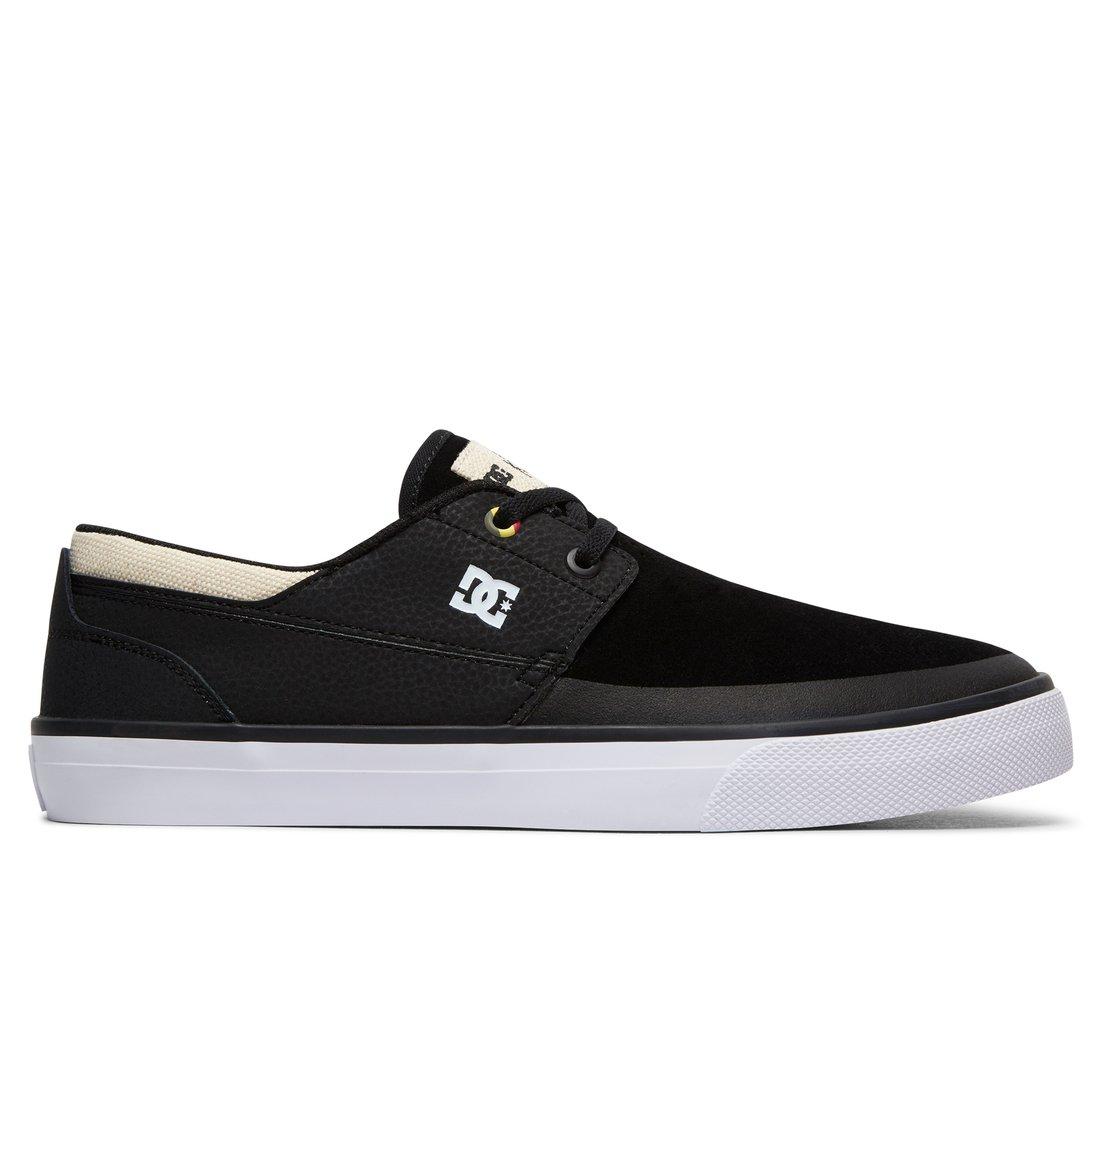 dc shoes New Jack S - Scarpe da skate da Uomo - Red - DC Shoes